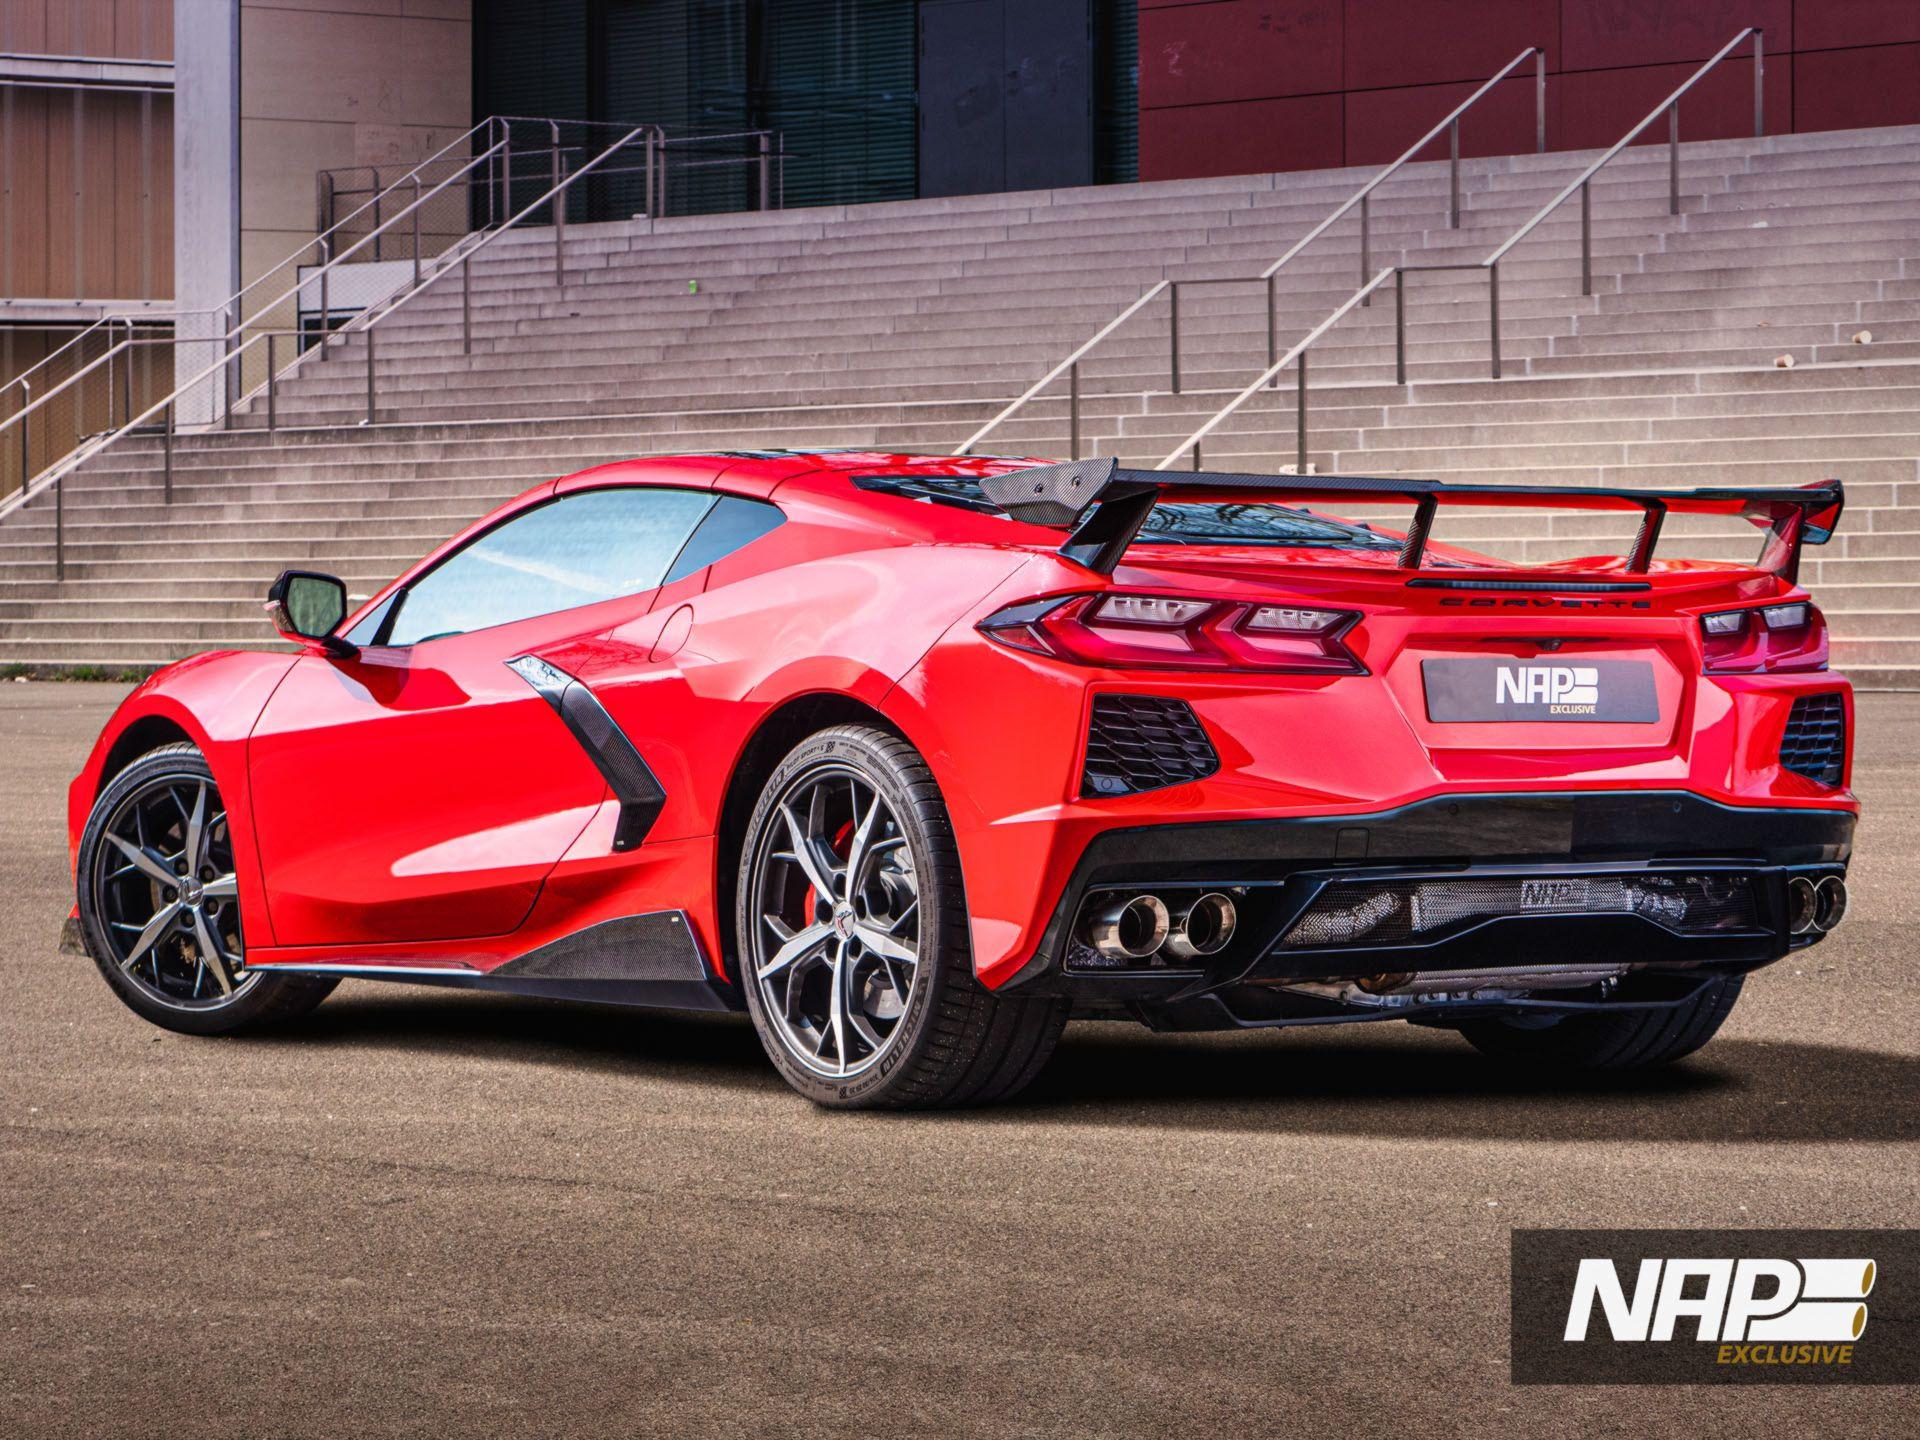 Chevrolet-Corvette-by-NAP-Sportauspuff-Manufaktur-2